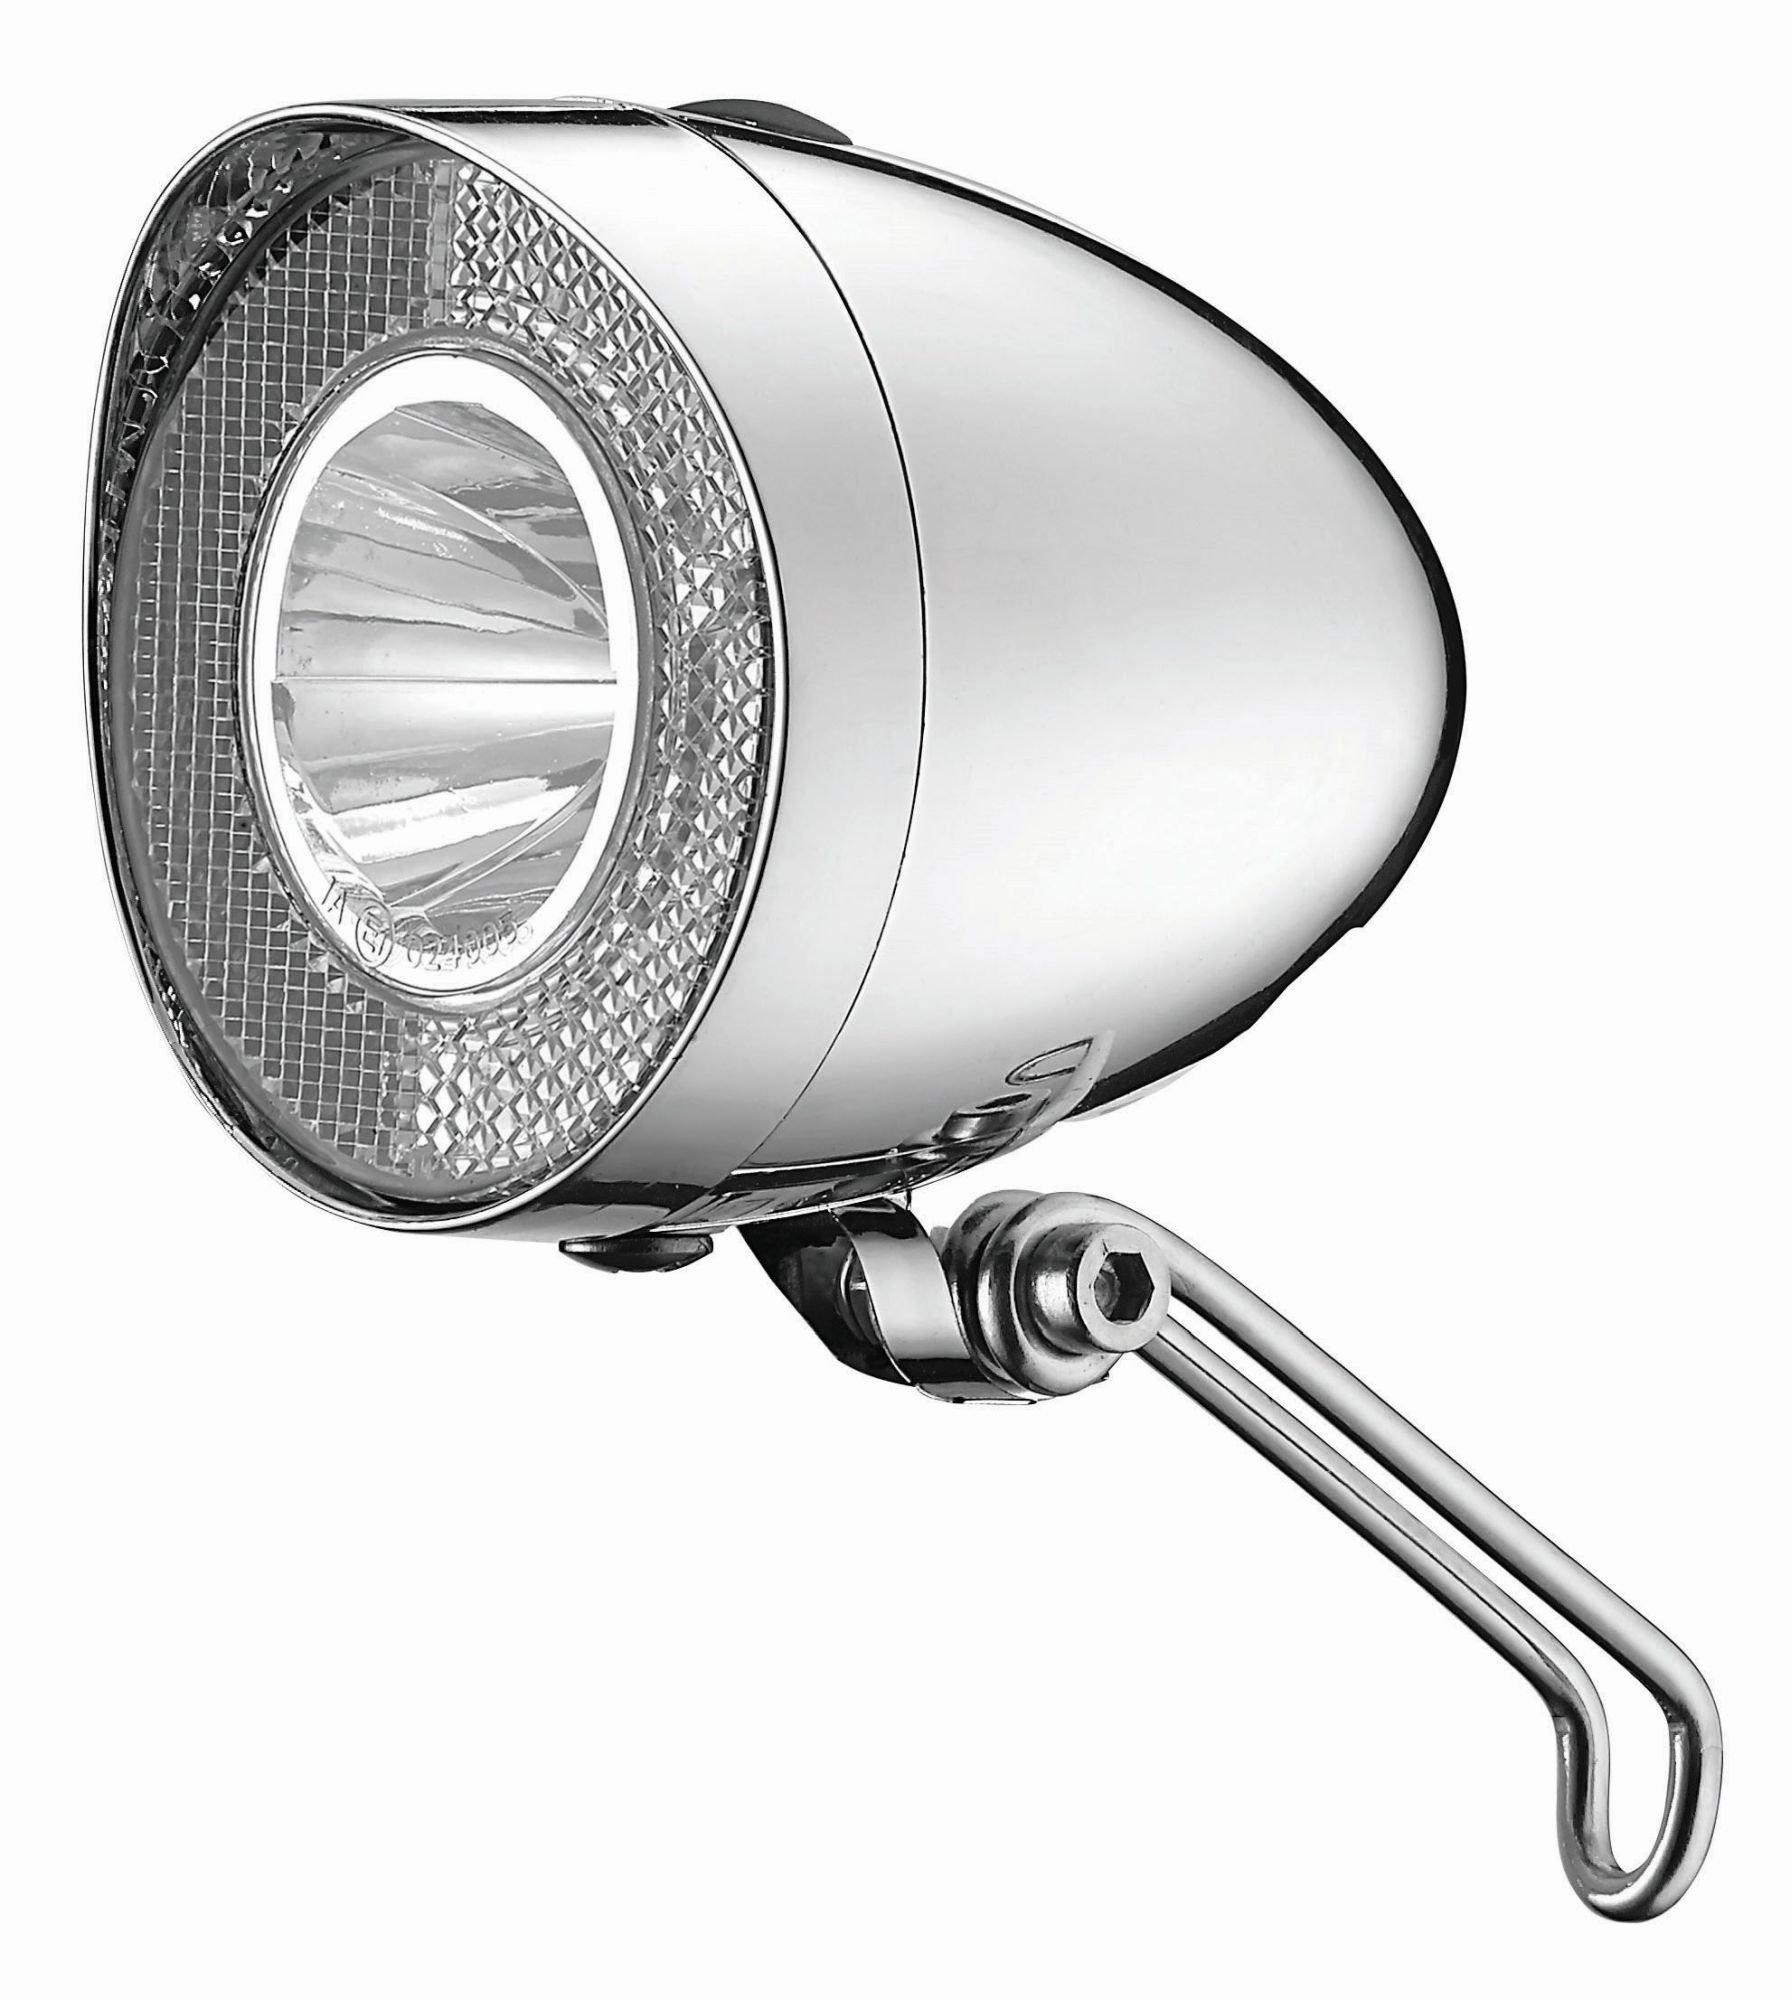 batterielicht vorne/Beleuchtung: Union  4915-AM Batterie-Scheinwerfer